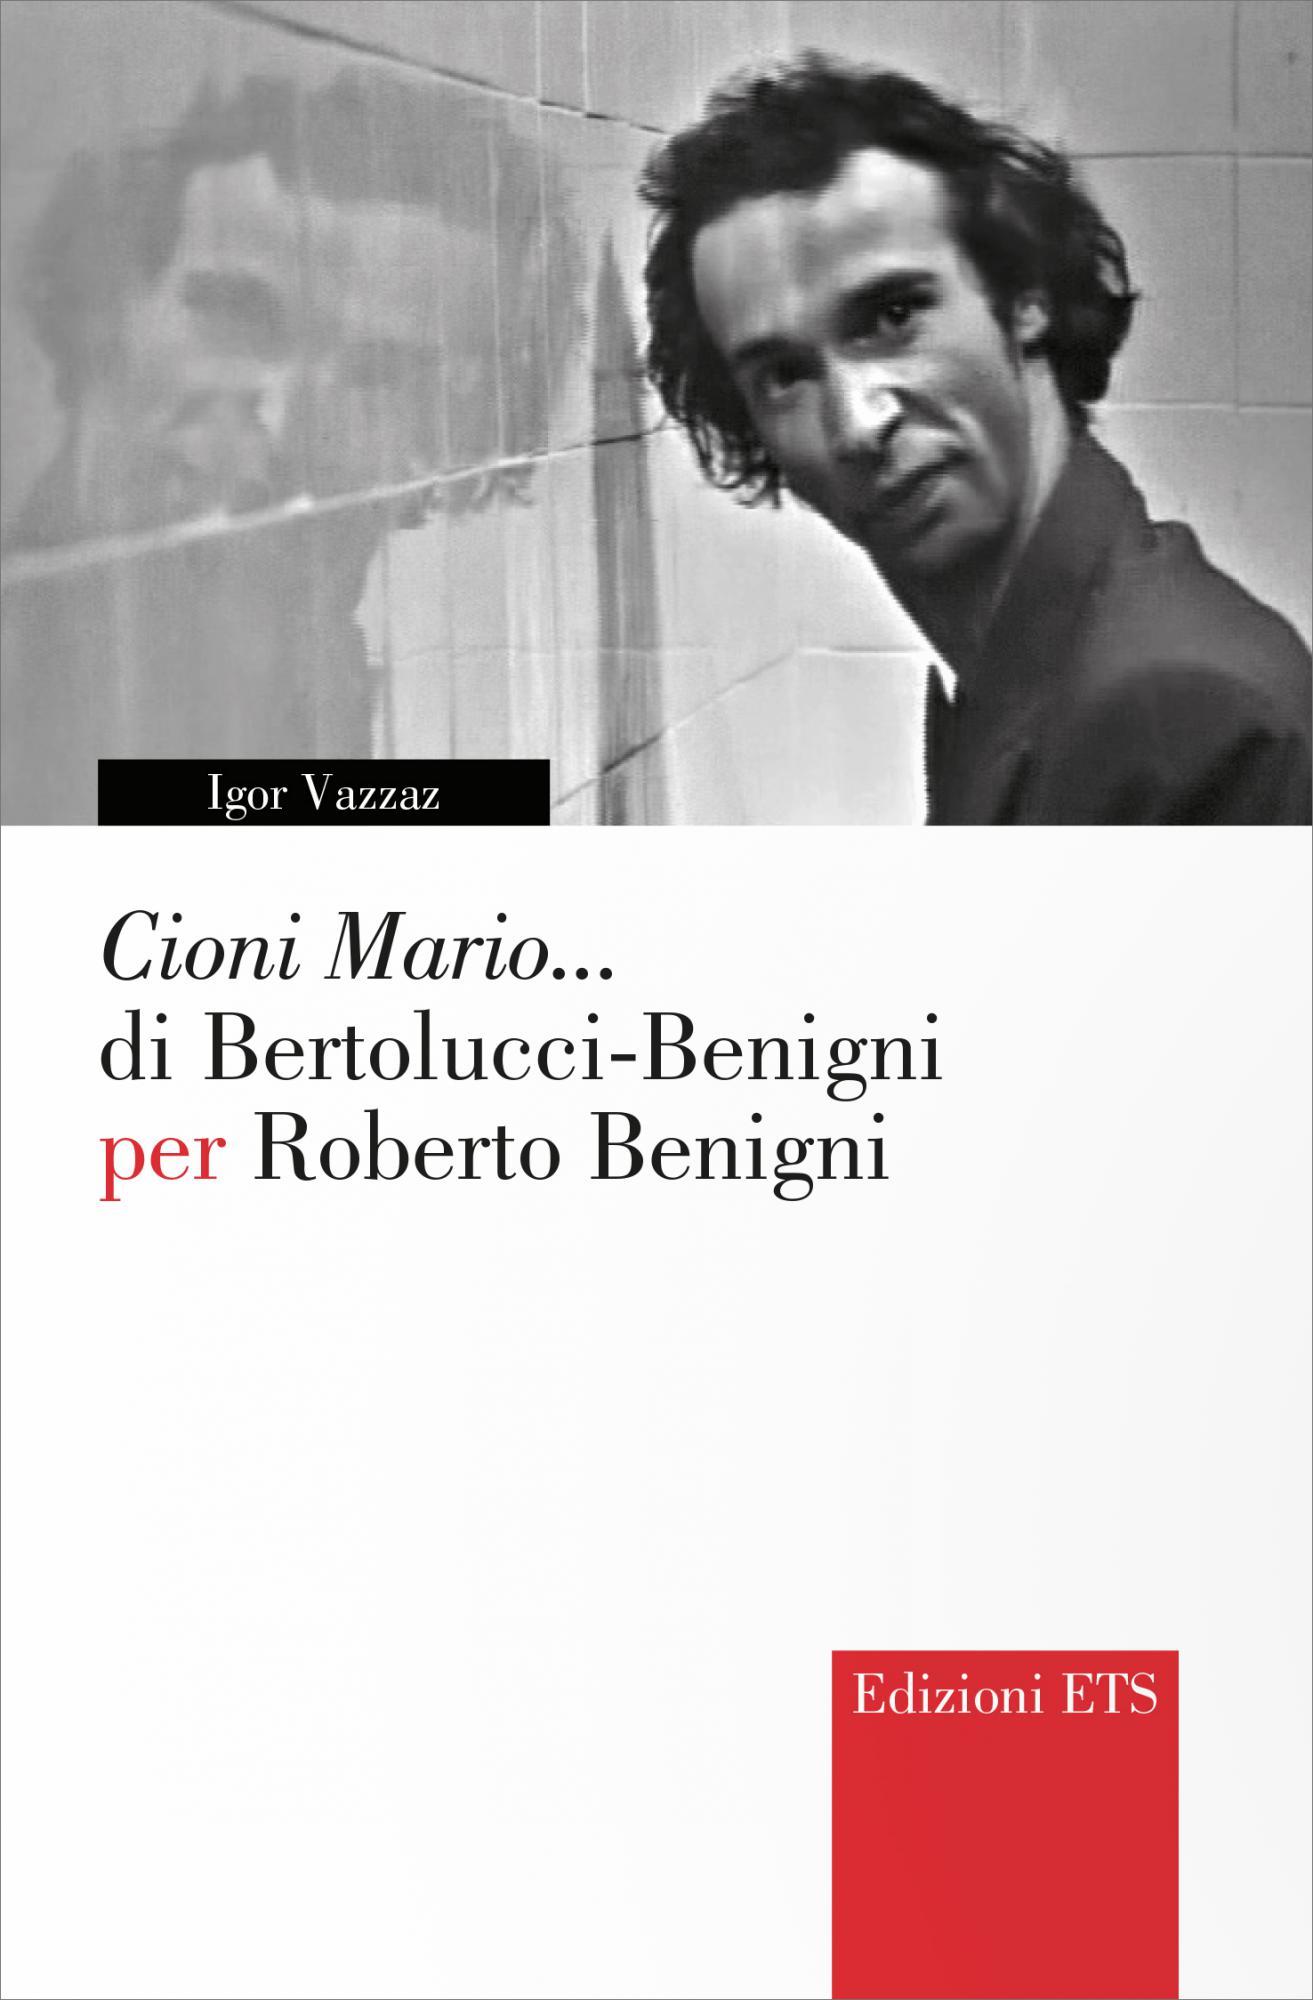 Cioni Mario... di Bertolucci-Benigni per Roberto Benigni